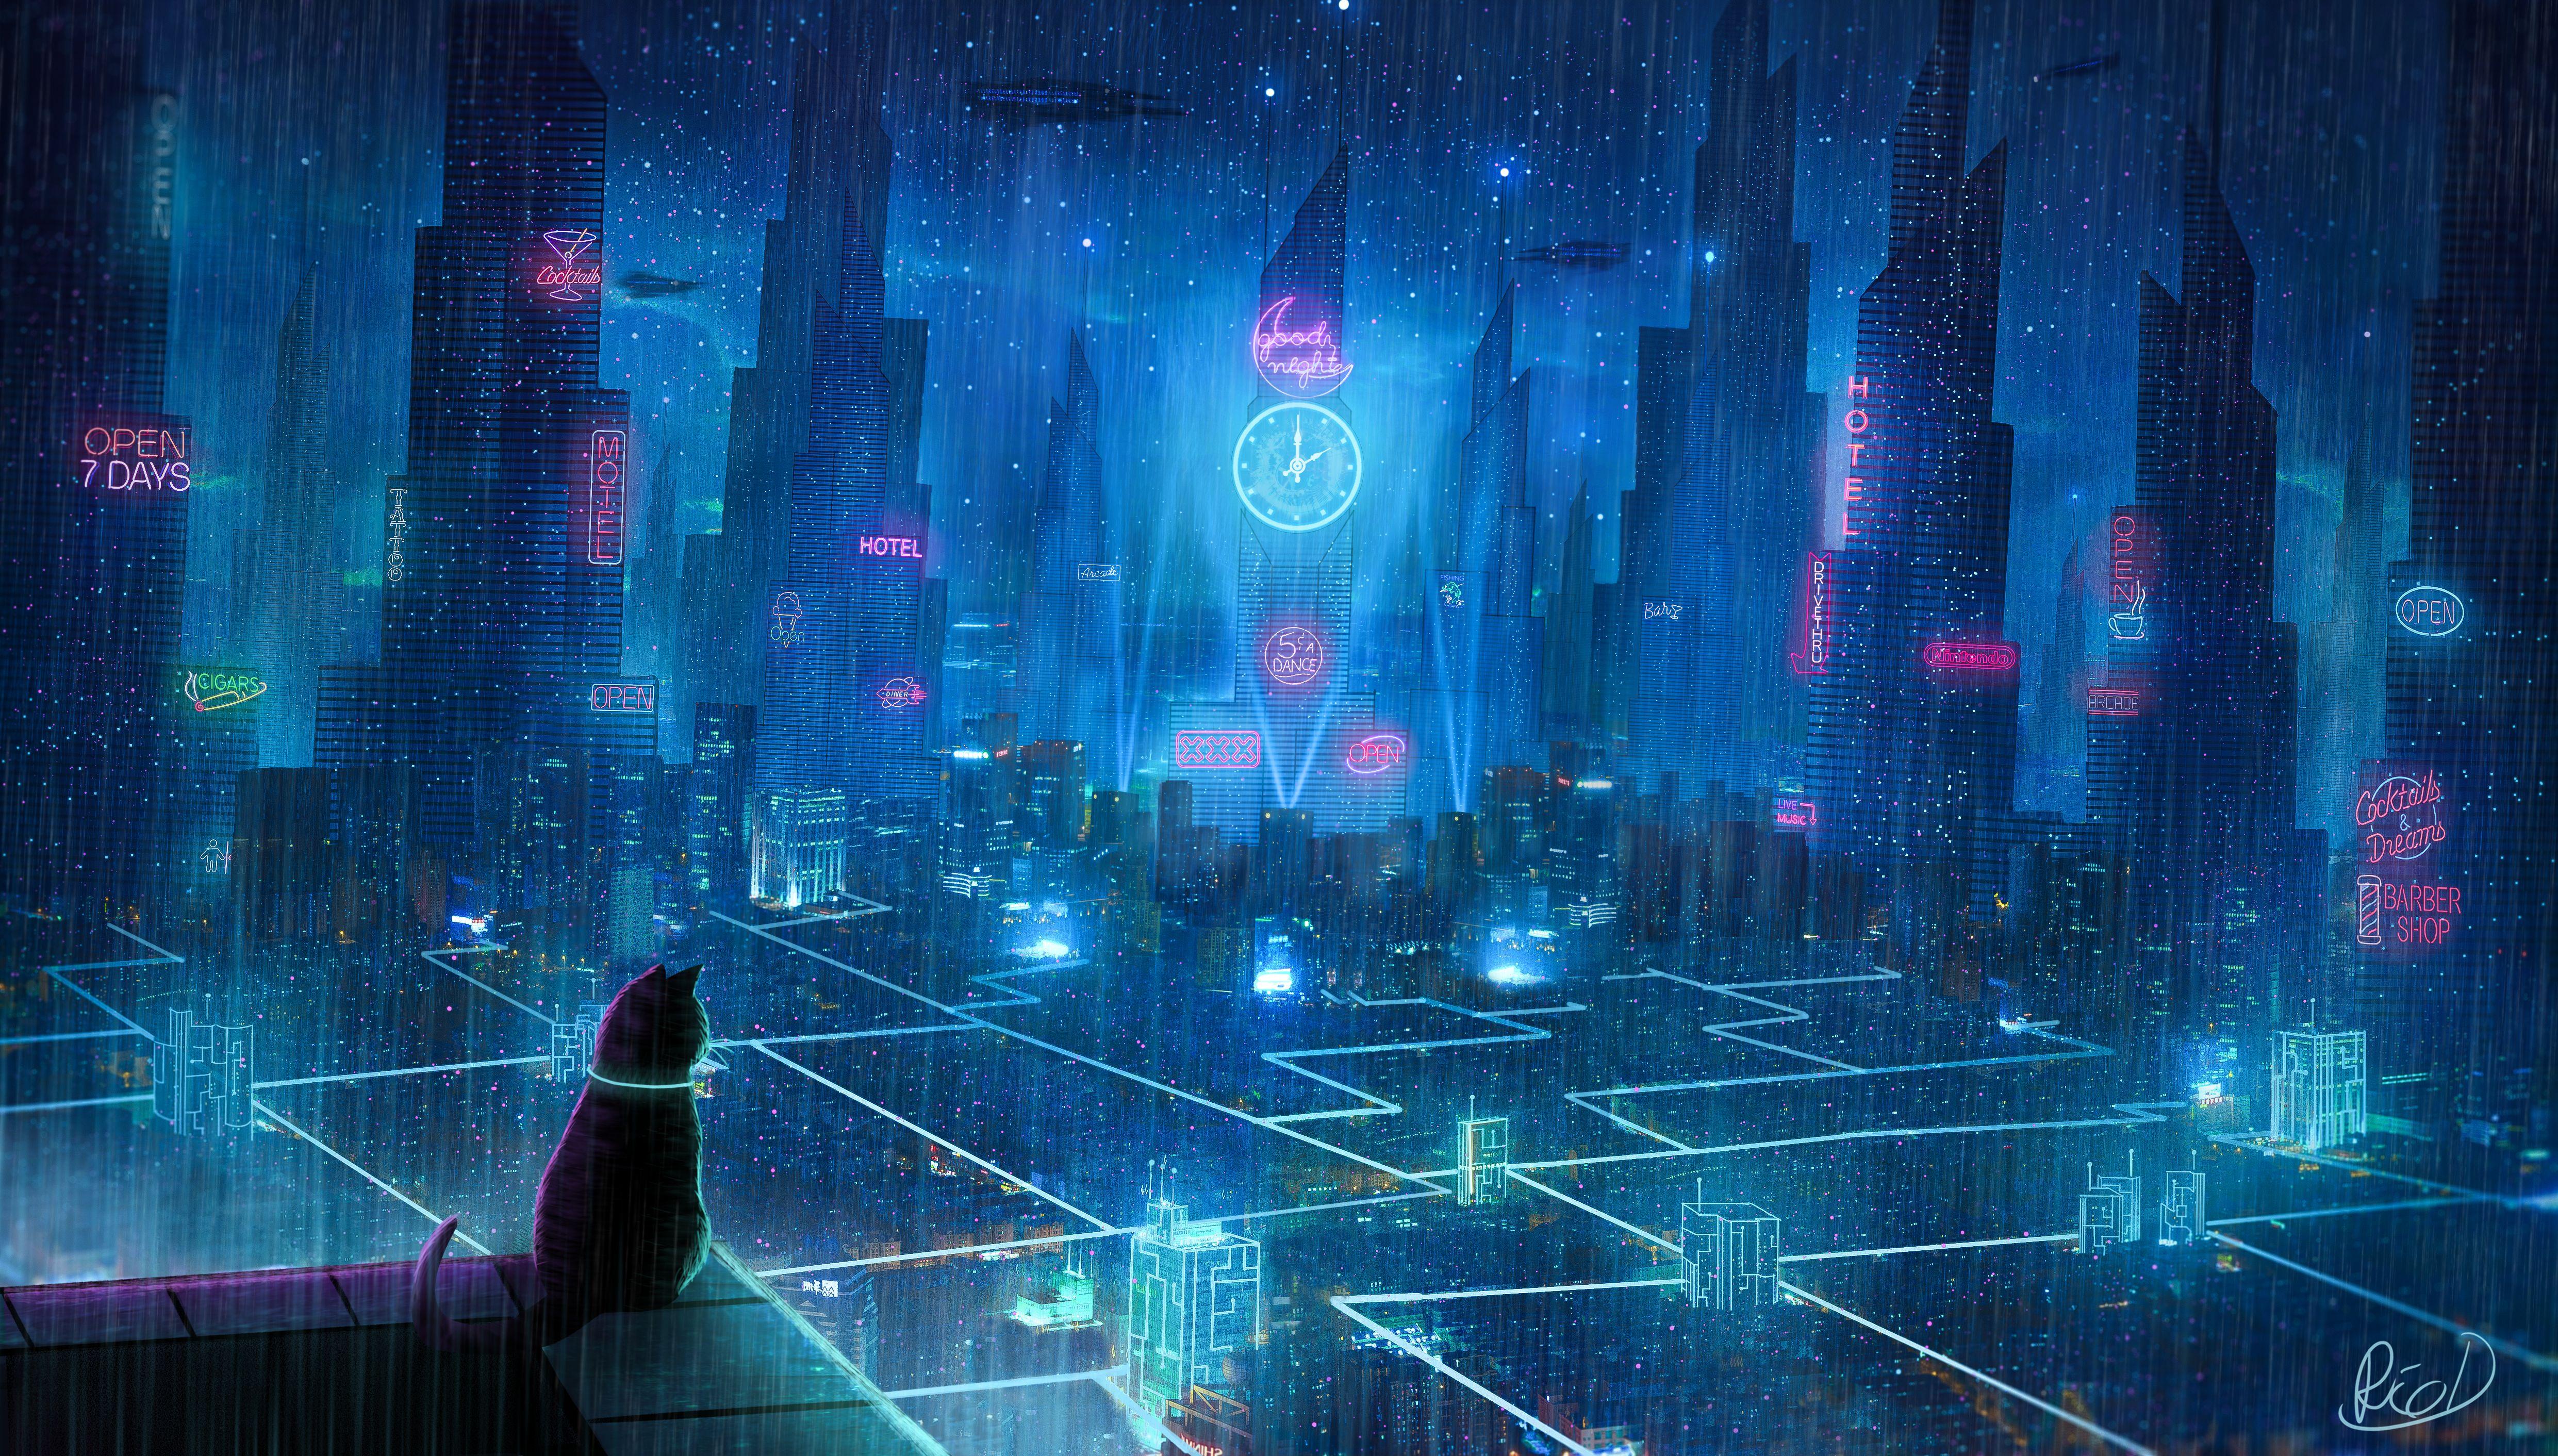 127071 Hintergrundbild herunterladen Kunst, Stadt, Der Kater, Katze, Cyberpunk, Megapolis, Megalopolis, Dach, Zukunft, Neonlichter - Bildschirmschoner und Bilder kostenlos